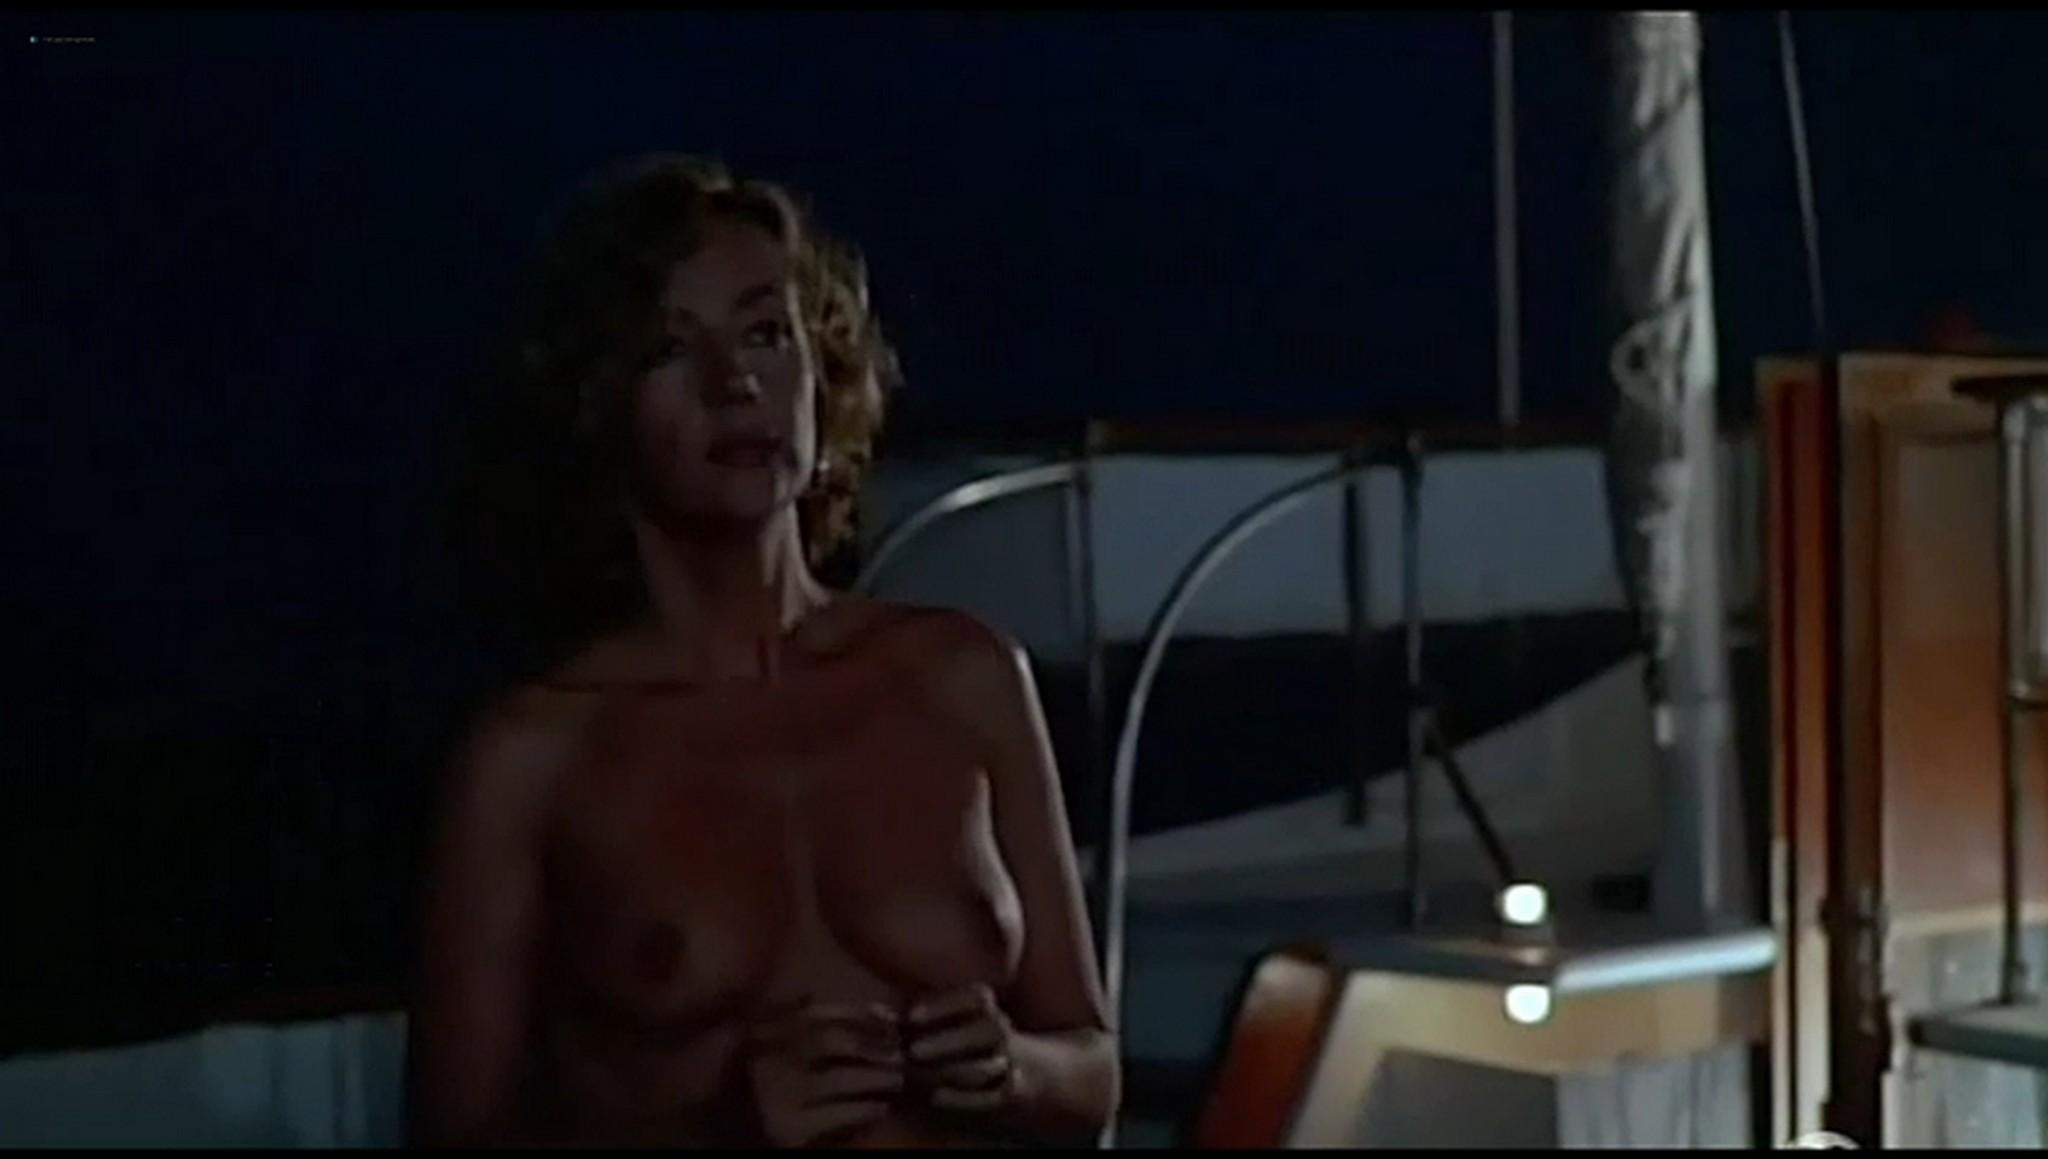 Valerie Kaprisky nude full frontal Caroline Cellier and others nude L annee des meduses 1984 15